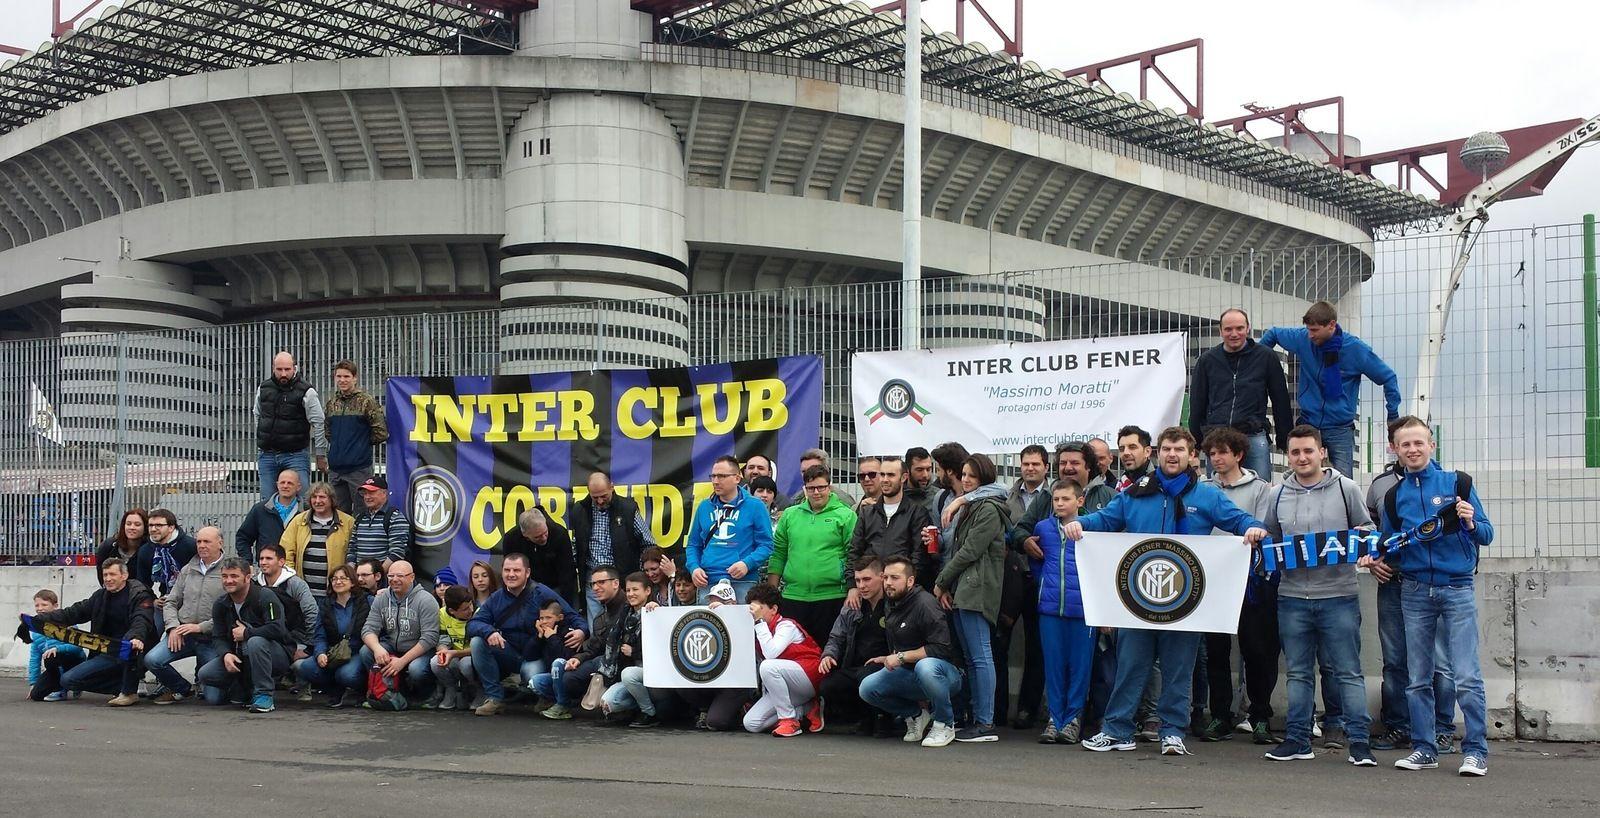 Gli Inter Club Fener e Cornuda festeggiano a San Siro